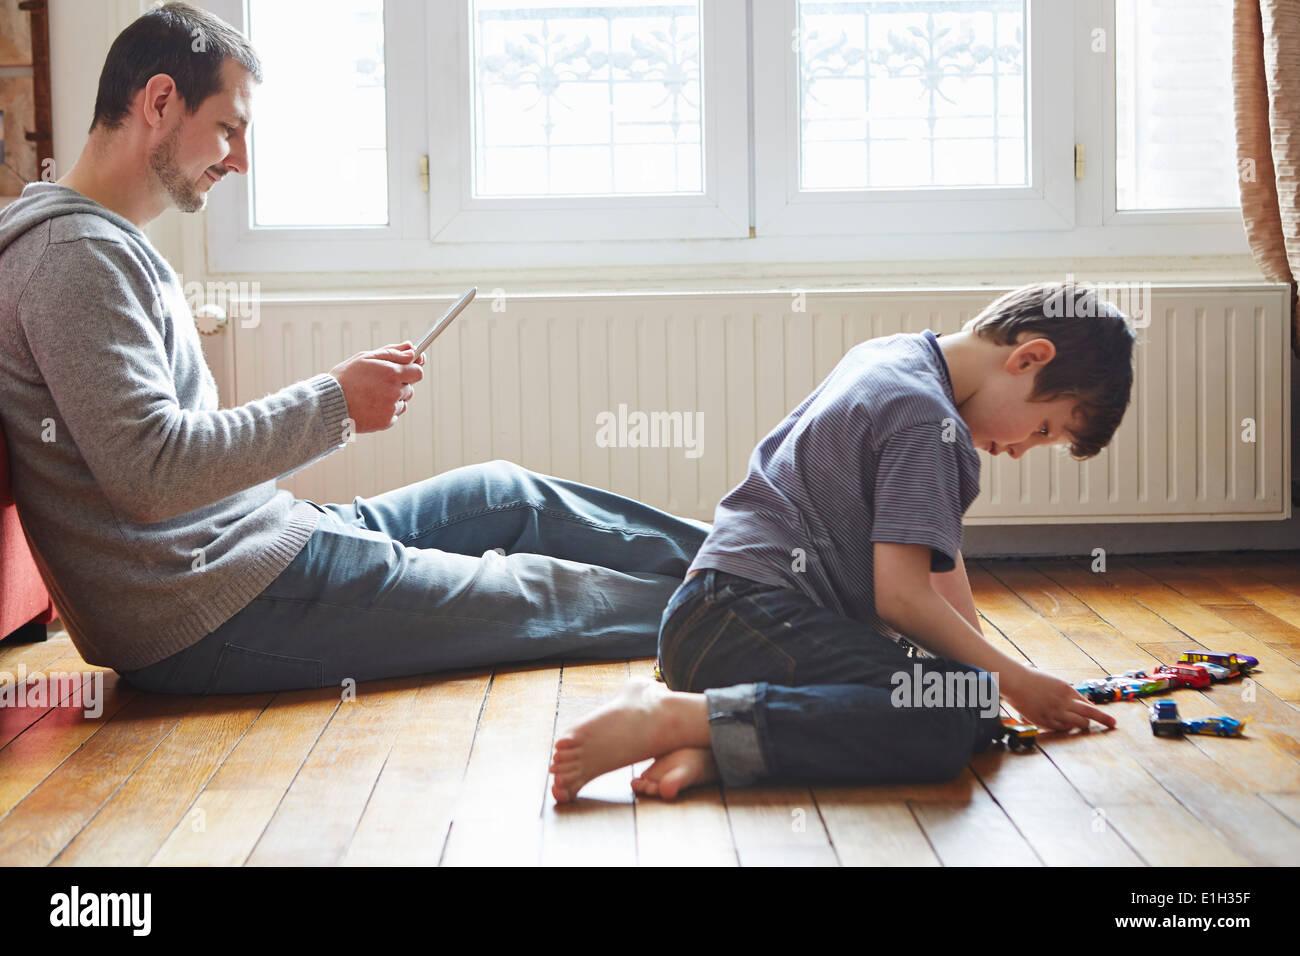 Vater und Sohn verbringen Zeit im Wohnzimmer Stockbild